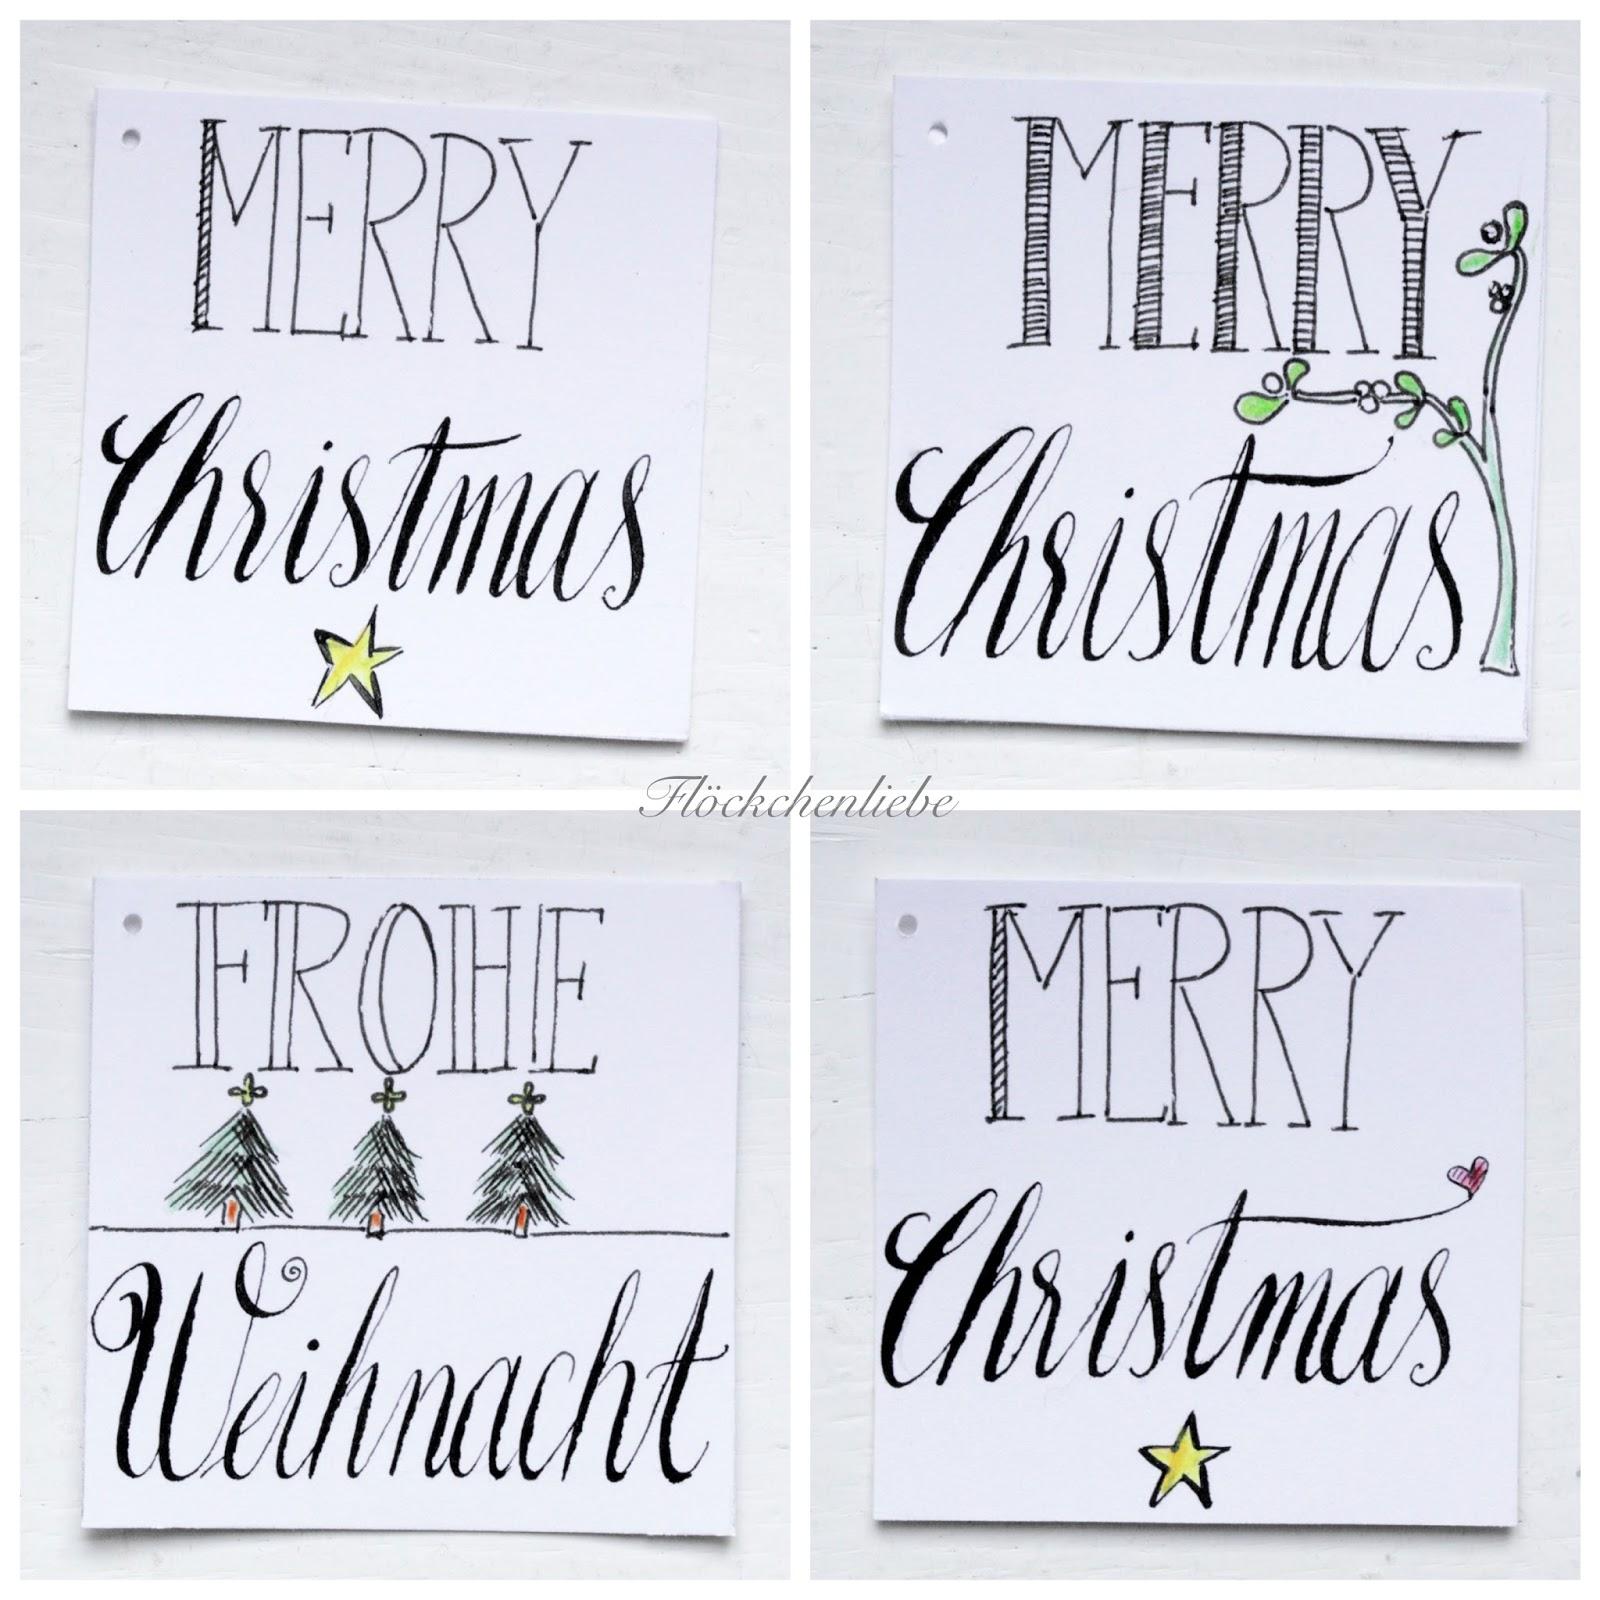 fl ckchenliebe hand lettering f r weihnachtskarten. Black Bedroom Furniture Sets. Home Design Ideas